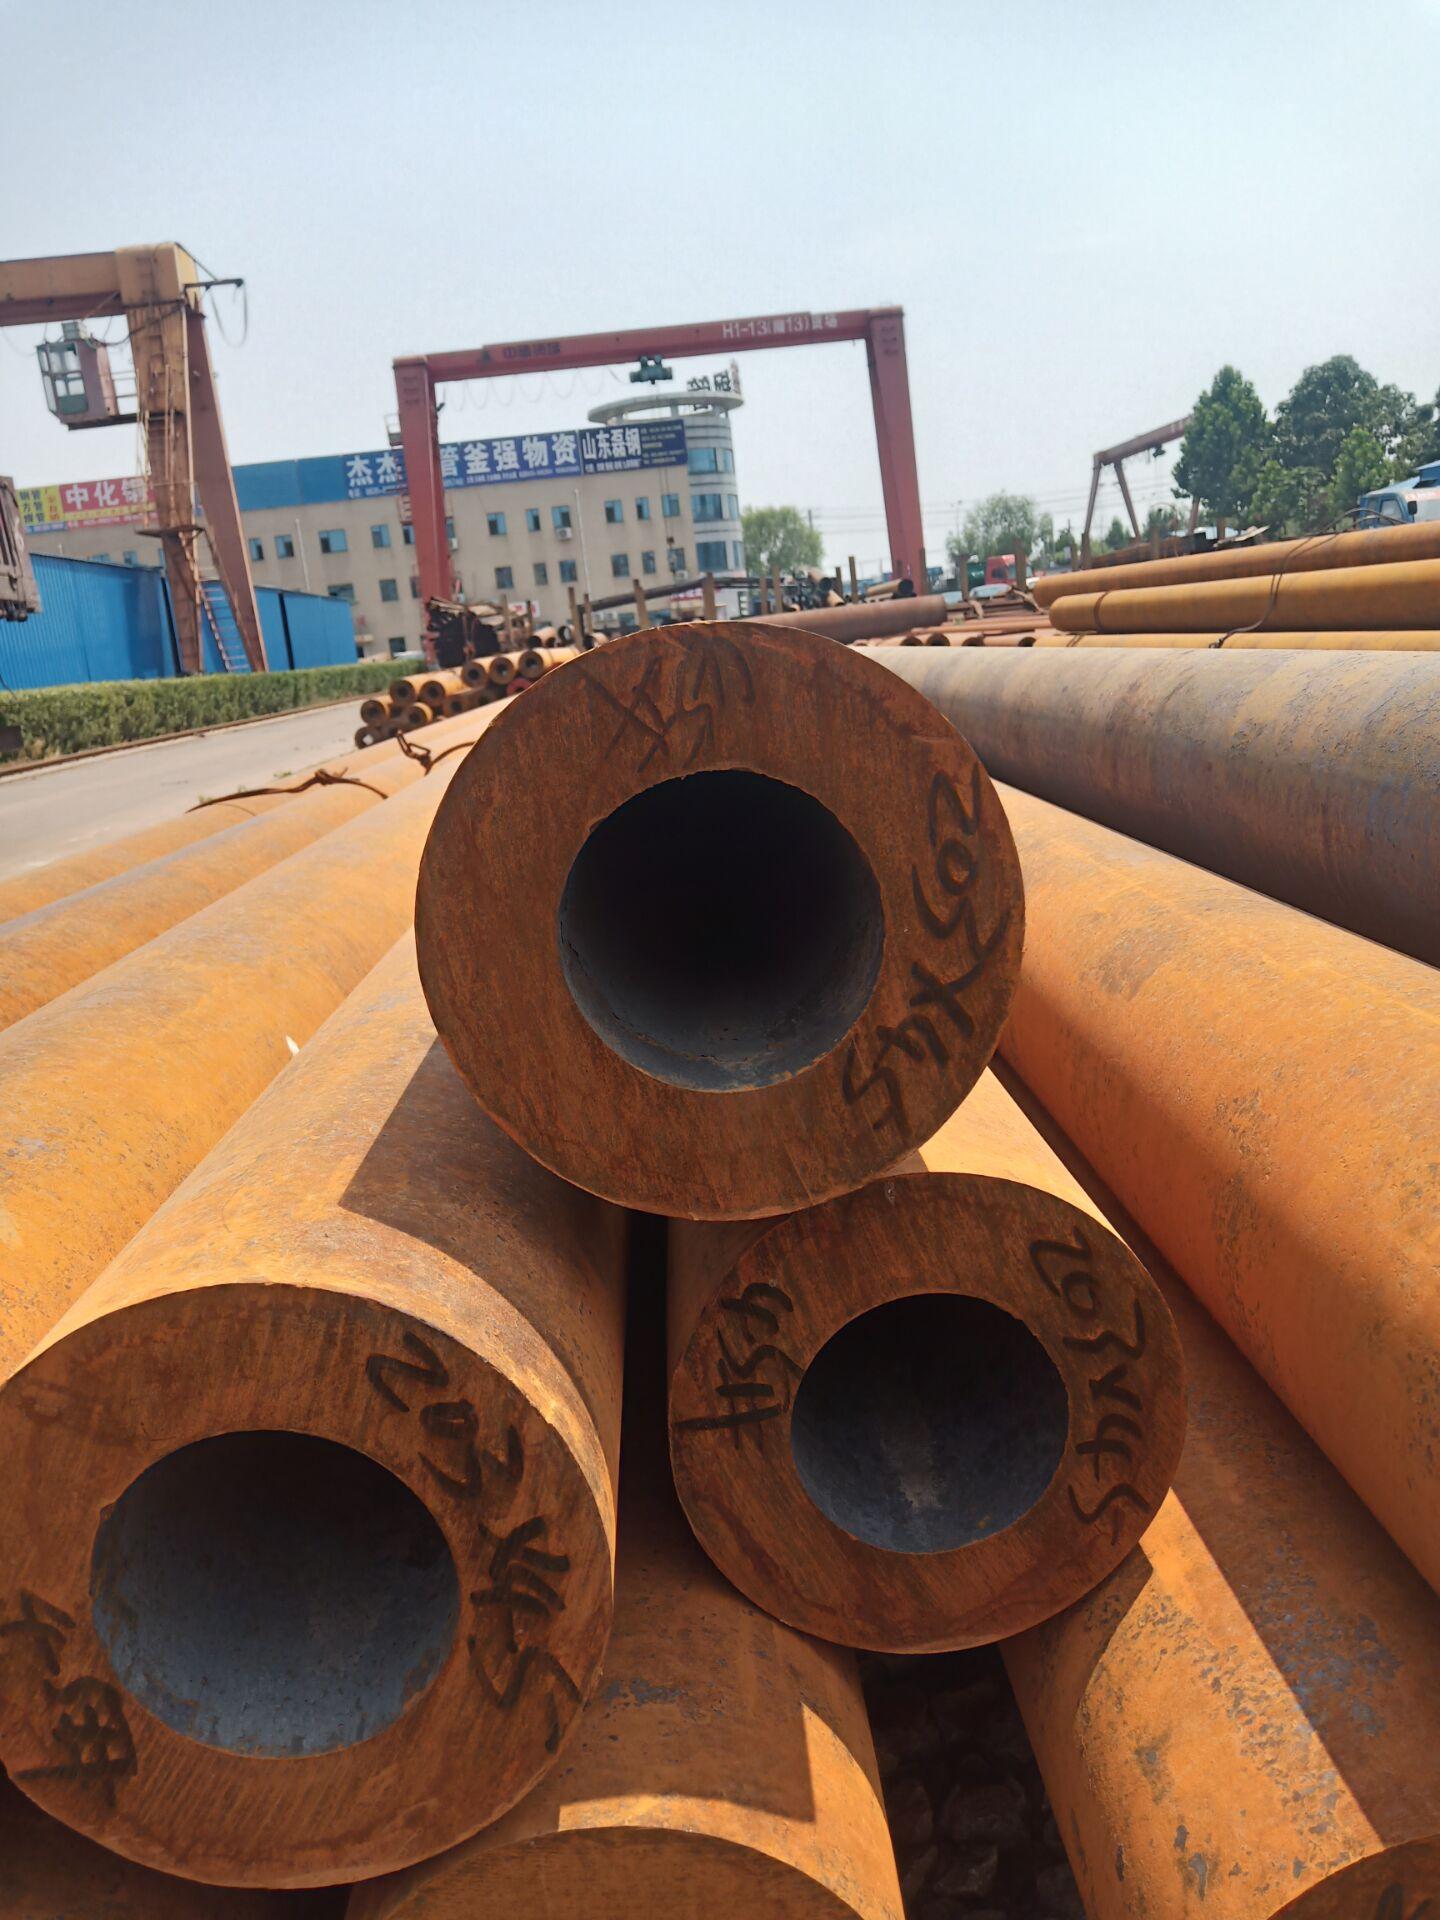 蕪湖20cr83*10合金鋼管代理各大鋼廠鋼管